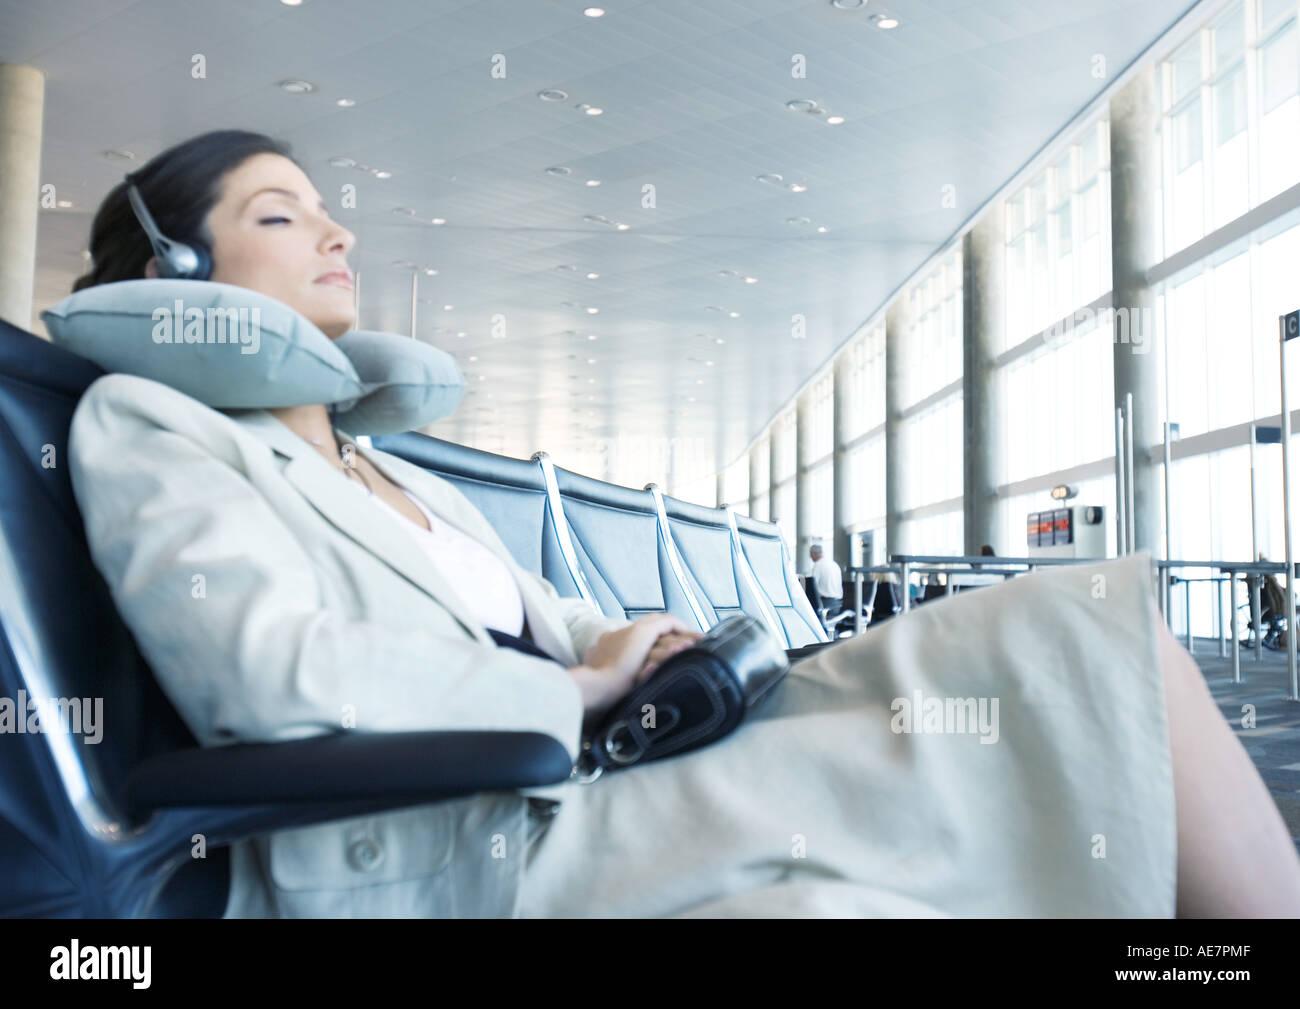 Viaggiatori di affari seduti nella sala di attesa di un aeroporto, sonnecchiare con cuscino di collo Immagini Stock